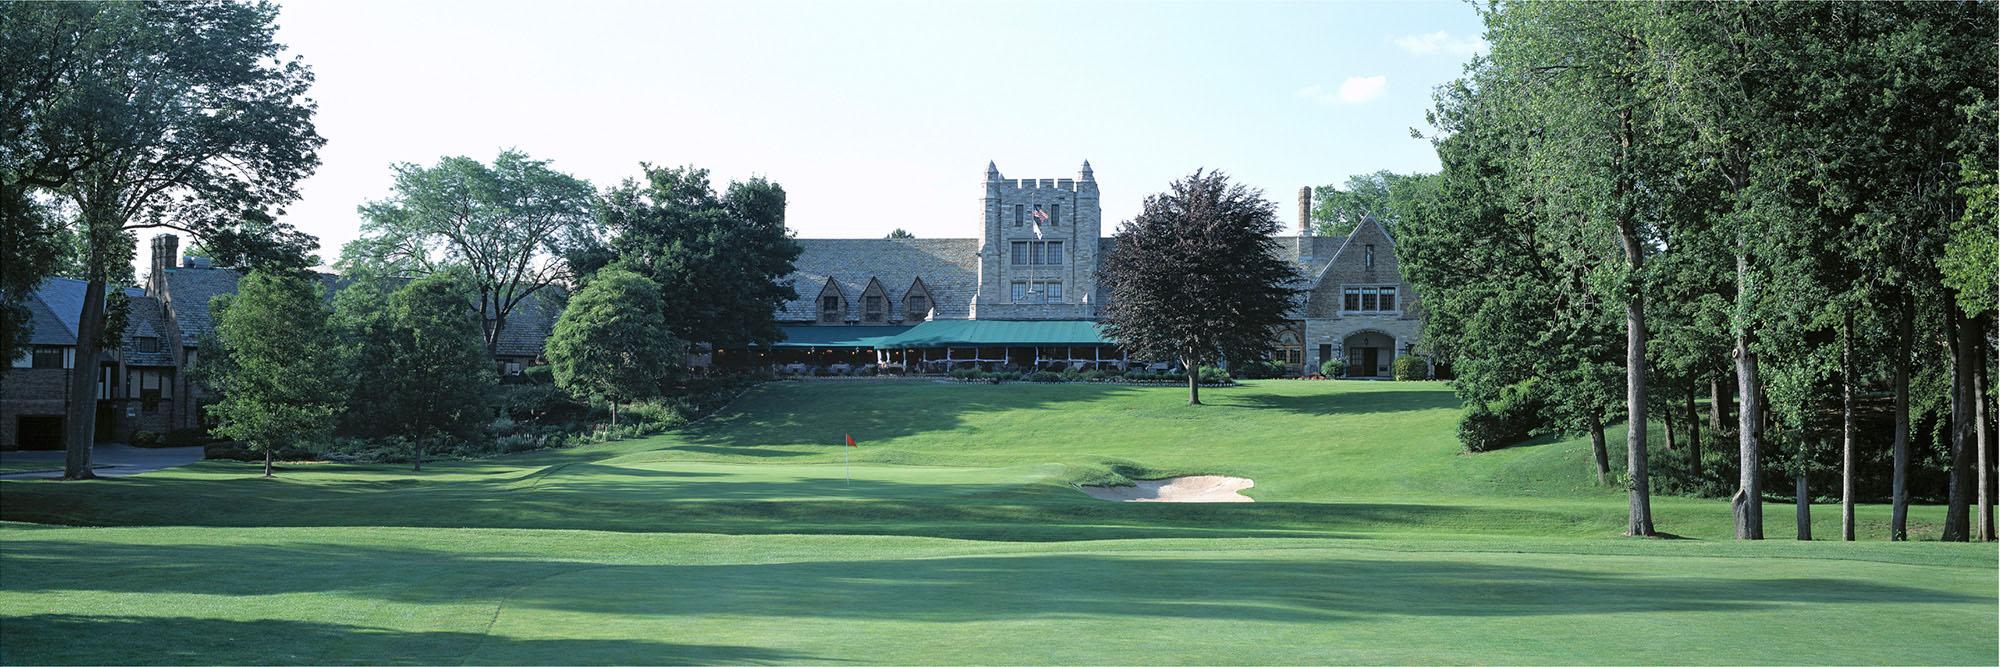 Golf Course Image - Park Country Club No. 18